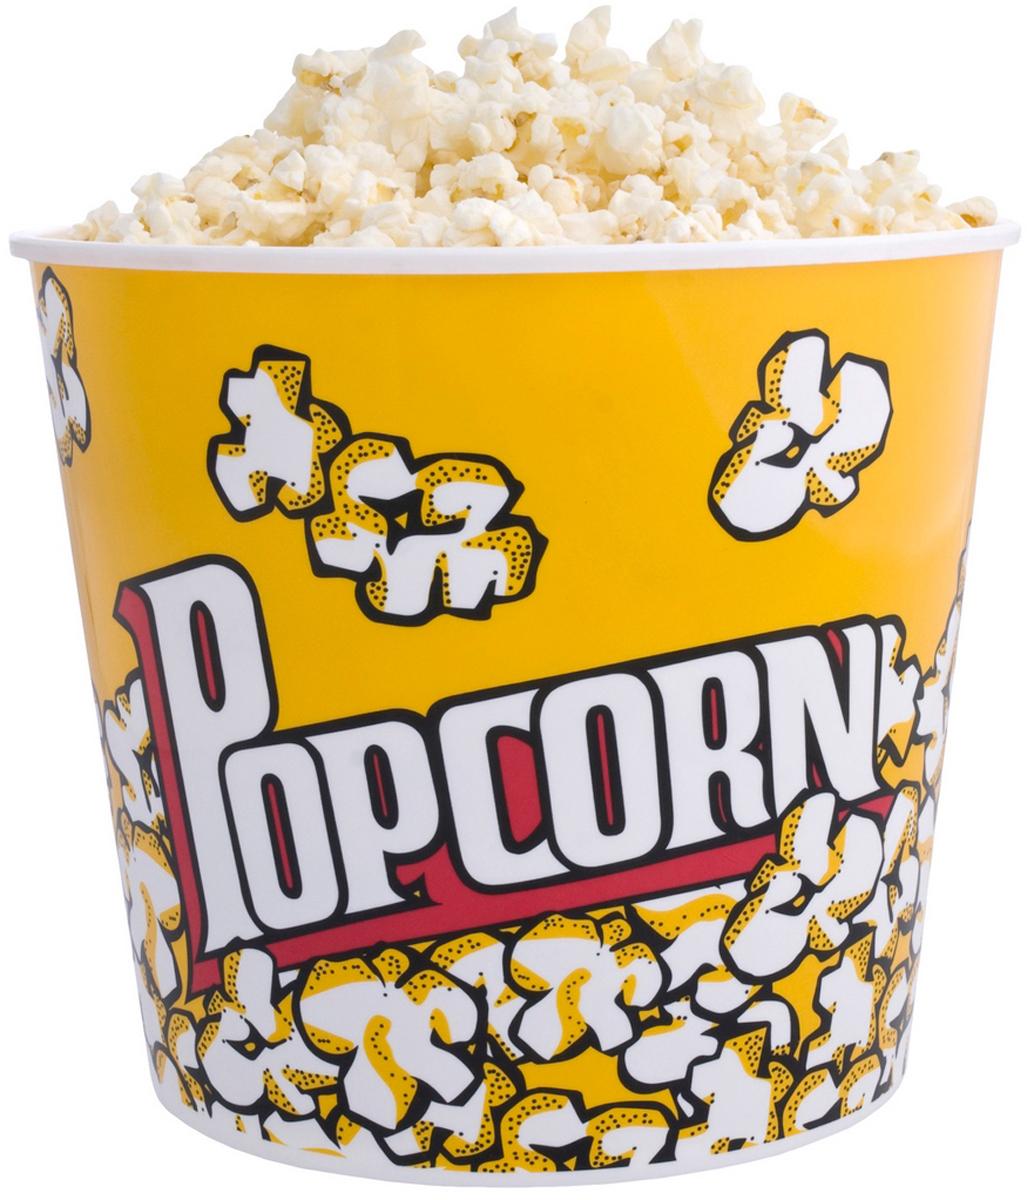 """Специальный стакан для попкорна """"Pop Corn"""" очень вместителен, благодаря чему вам больше не придется возиться с неудобной и громоздкой посудой во время просмотра кино. Емкость для попкорна состоит из качественного пищевого пластика и украшена стильной надписью. Стакан очень легкий и подойдет для большой семьи или веселой компании друзей, любящих по вечерам собираться вместе, чтобы насладиться любимым фильмом. - Емкость стакана 2,8 л. - Стакан для попкорна подойдет для большой компании. - Стакан изготовлен из качественного и безвредного пищевого пластика."""